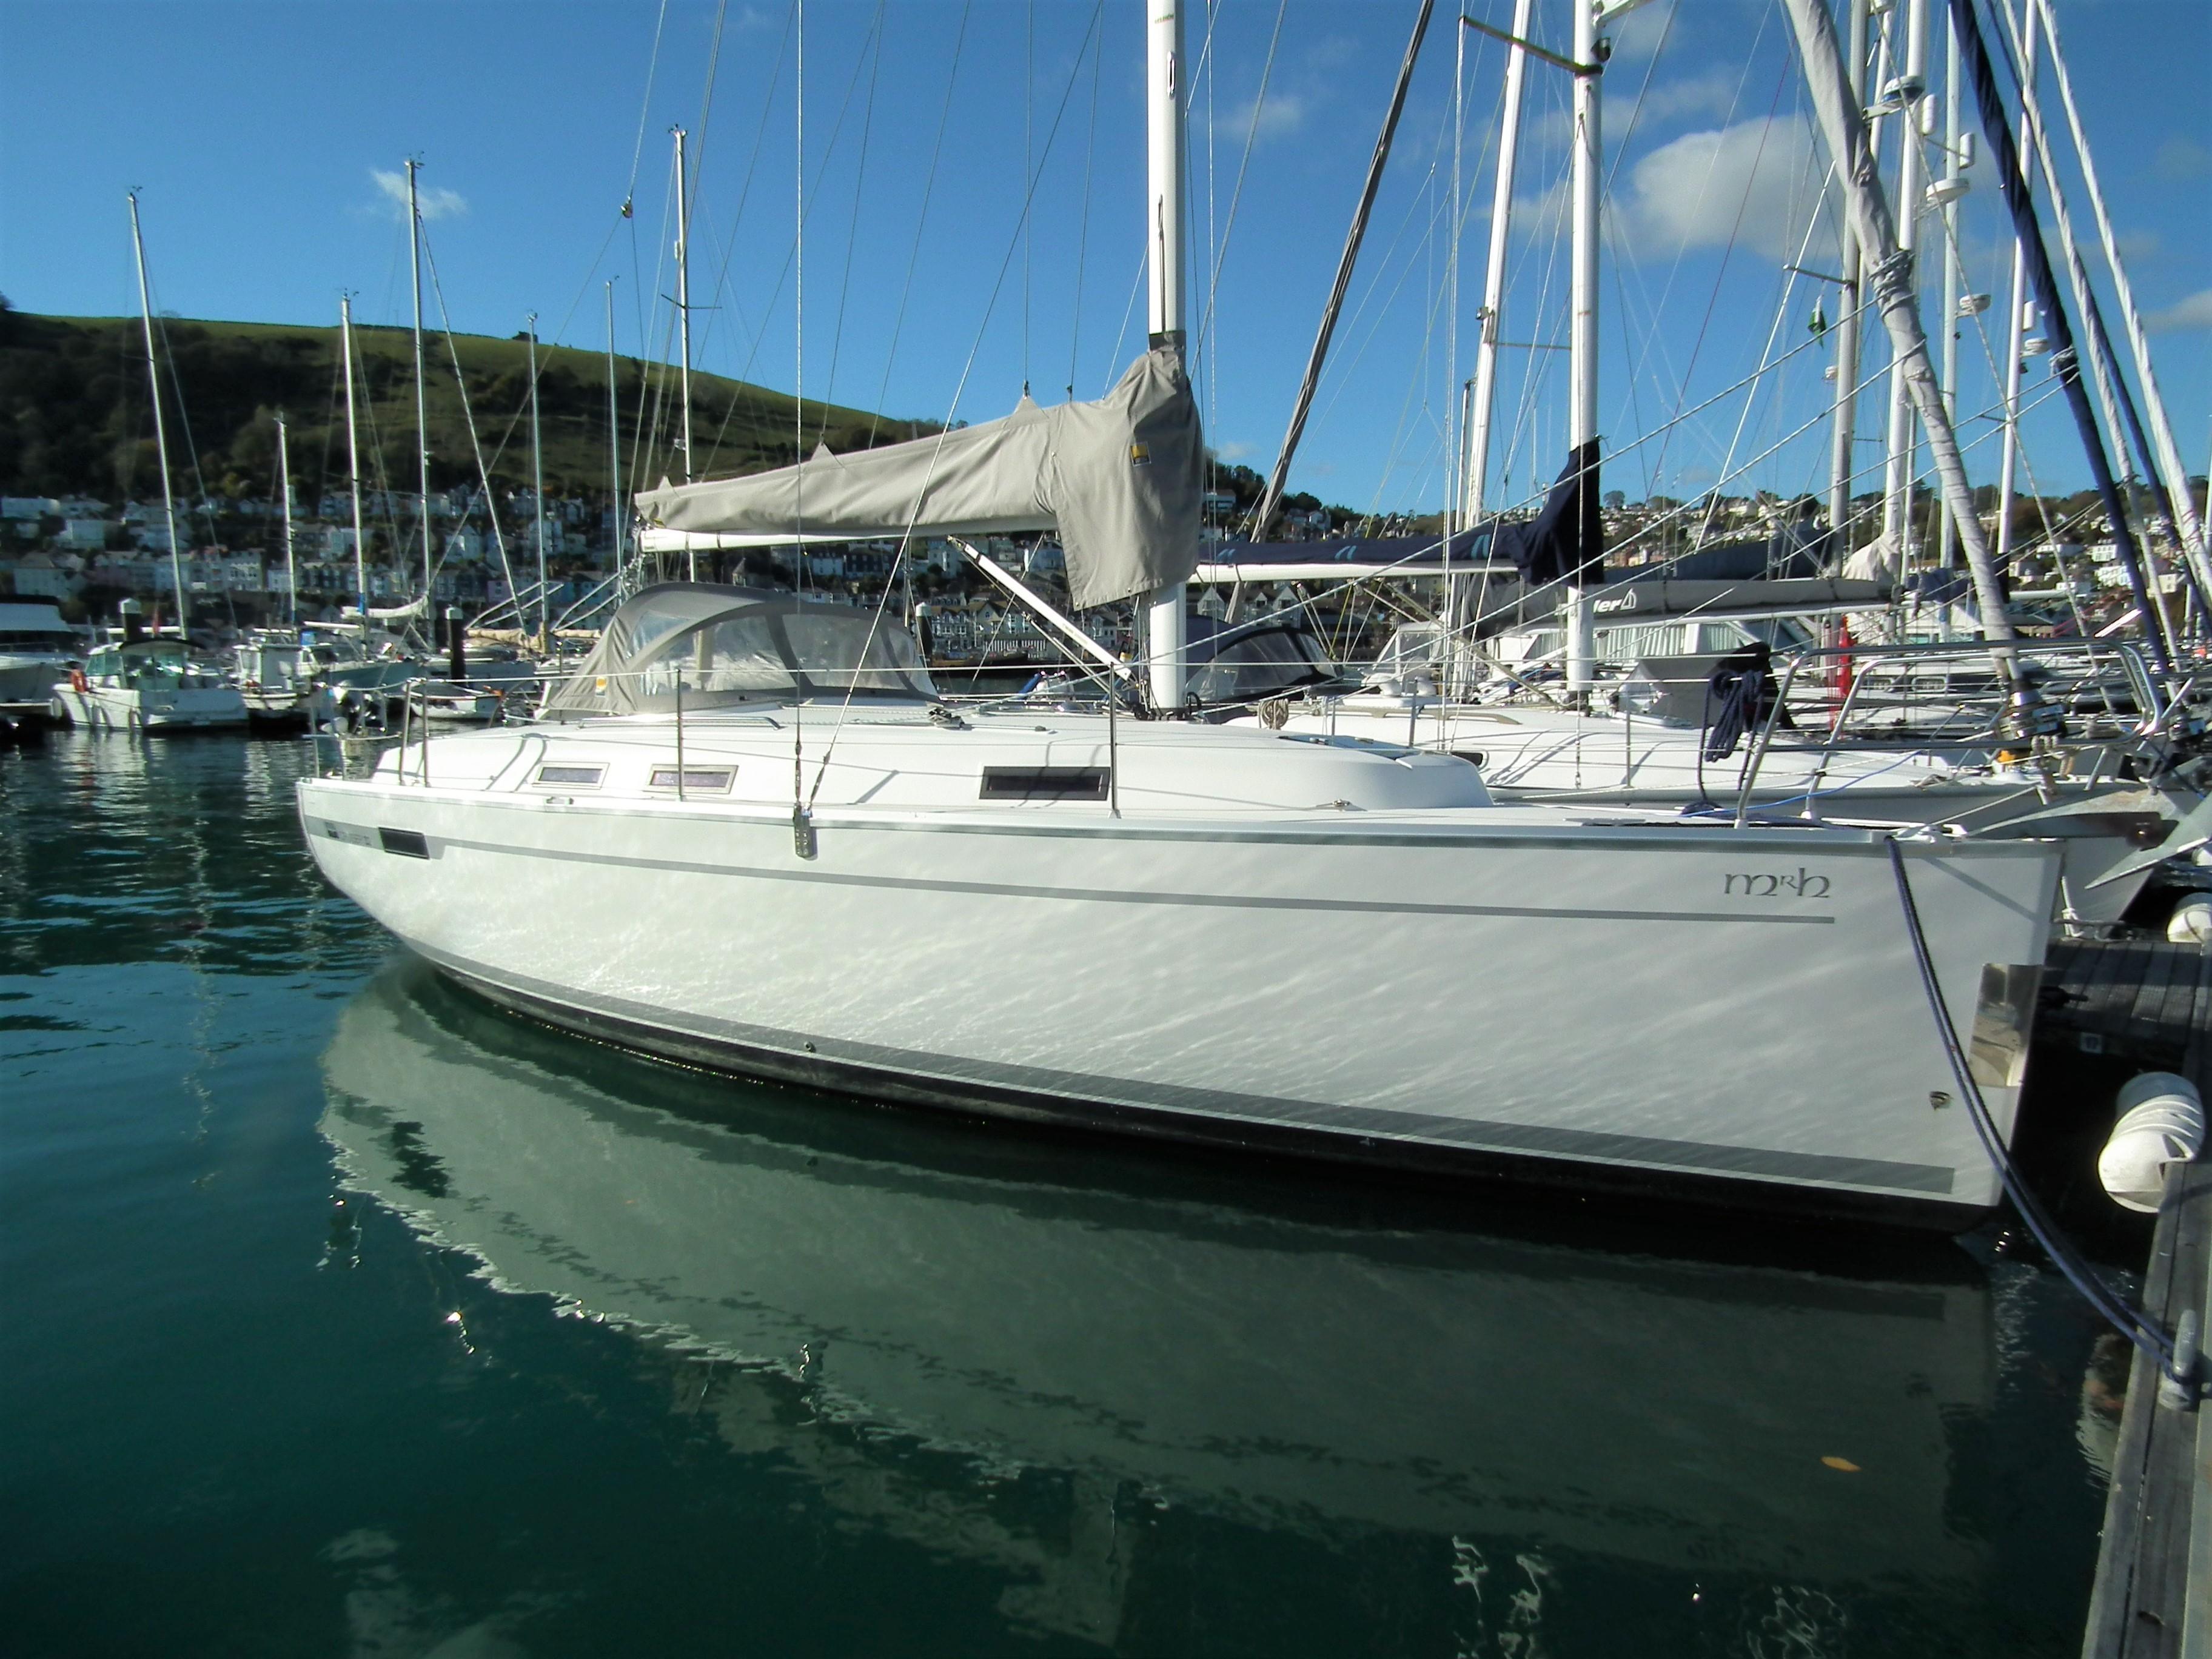 Bavaria Cruiser 32 Starboard